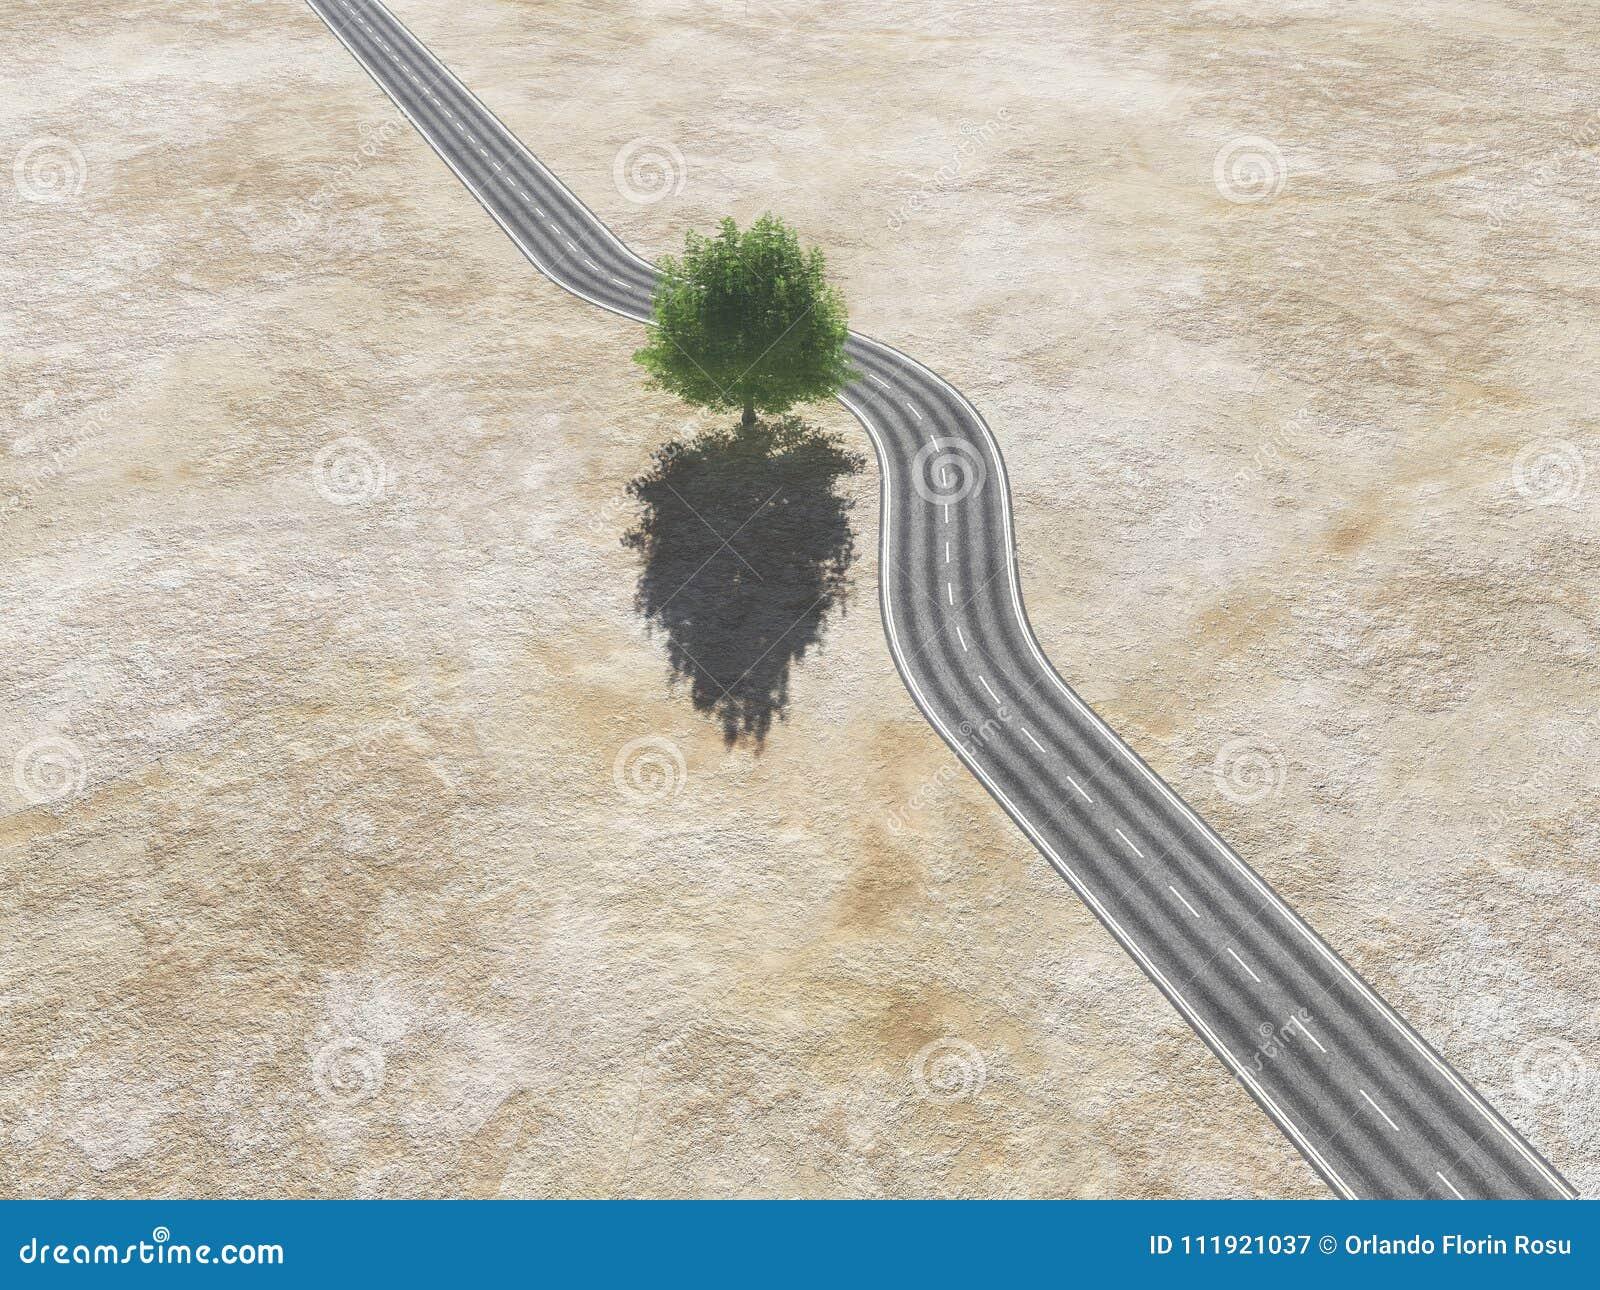 Con Un árbol En El Medio Del Camino Imagen De Archivo Imagen De Concepto Fondo 111921037